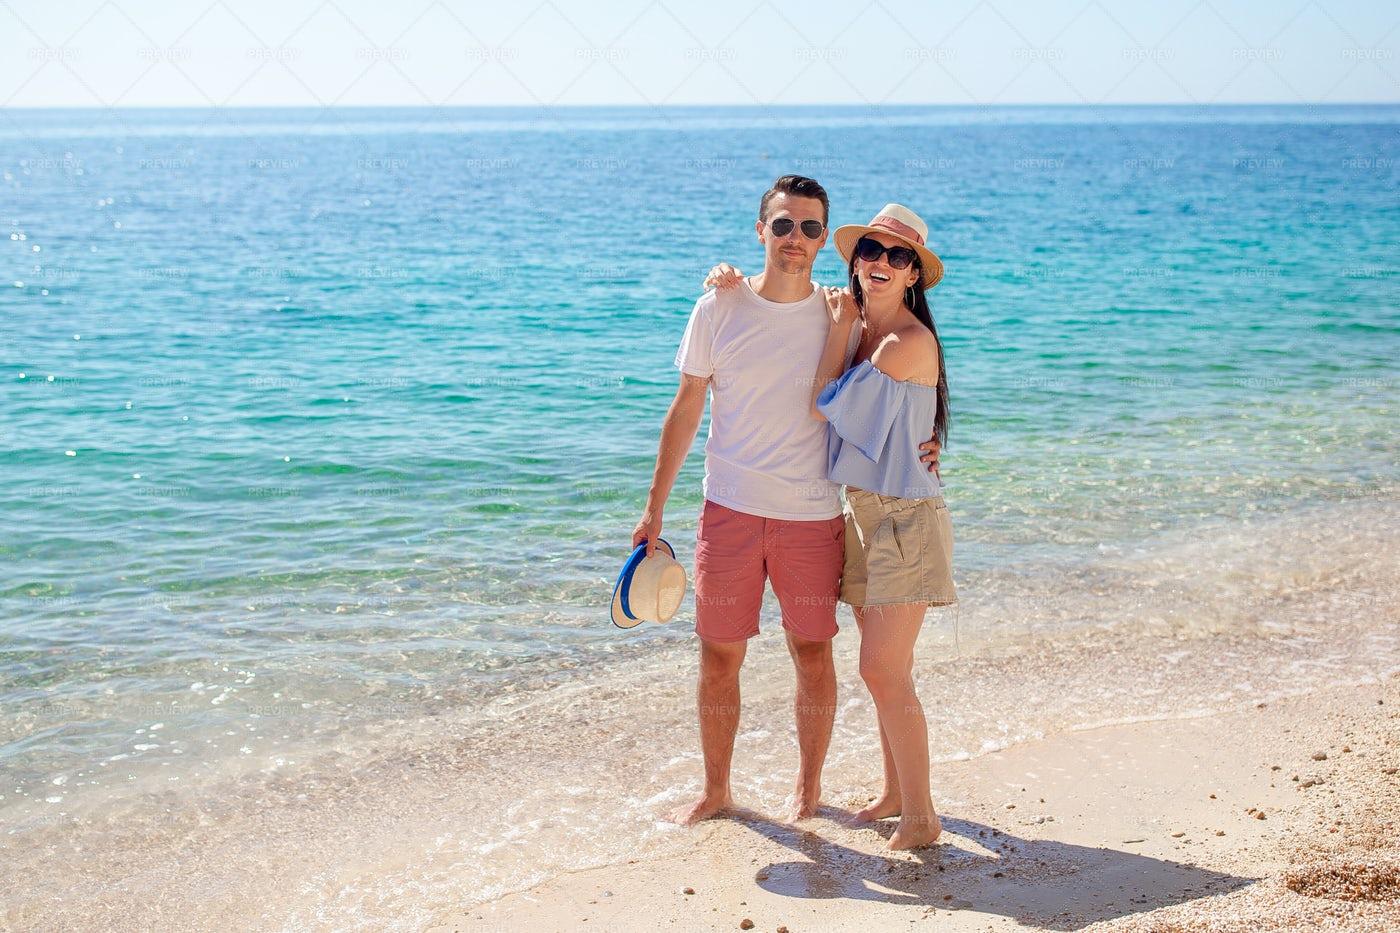 Couple On Honeymoon: Stock Photos